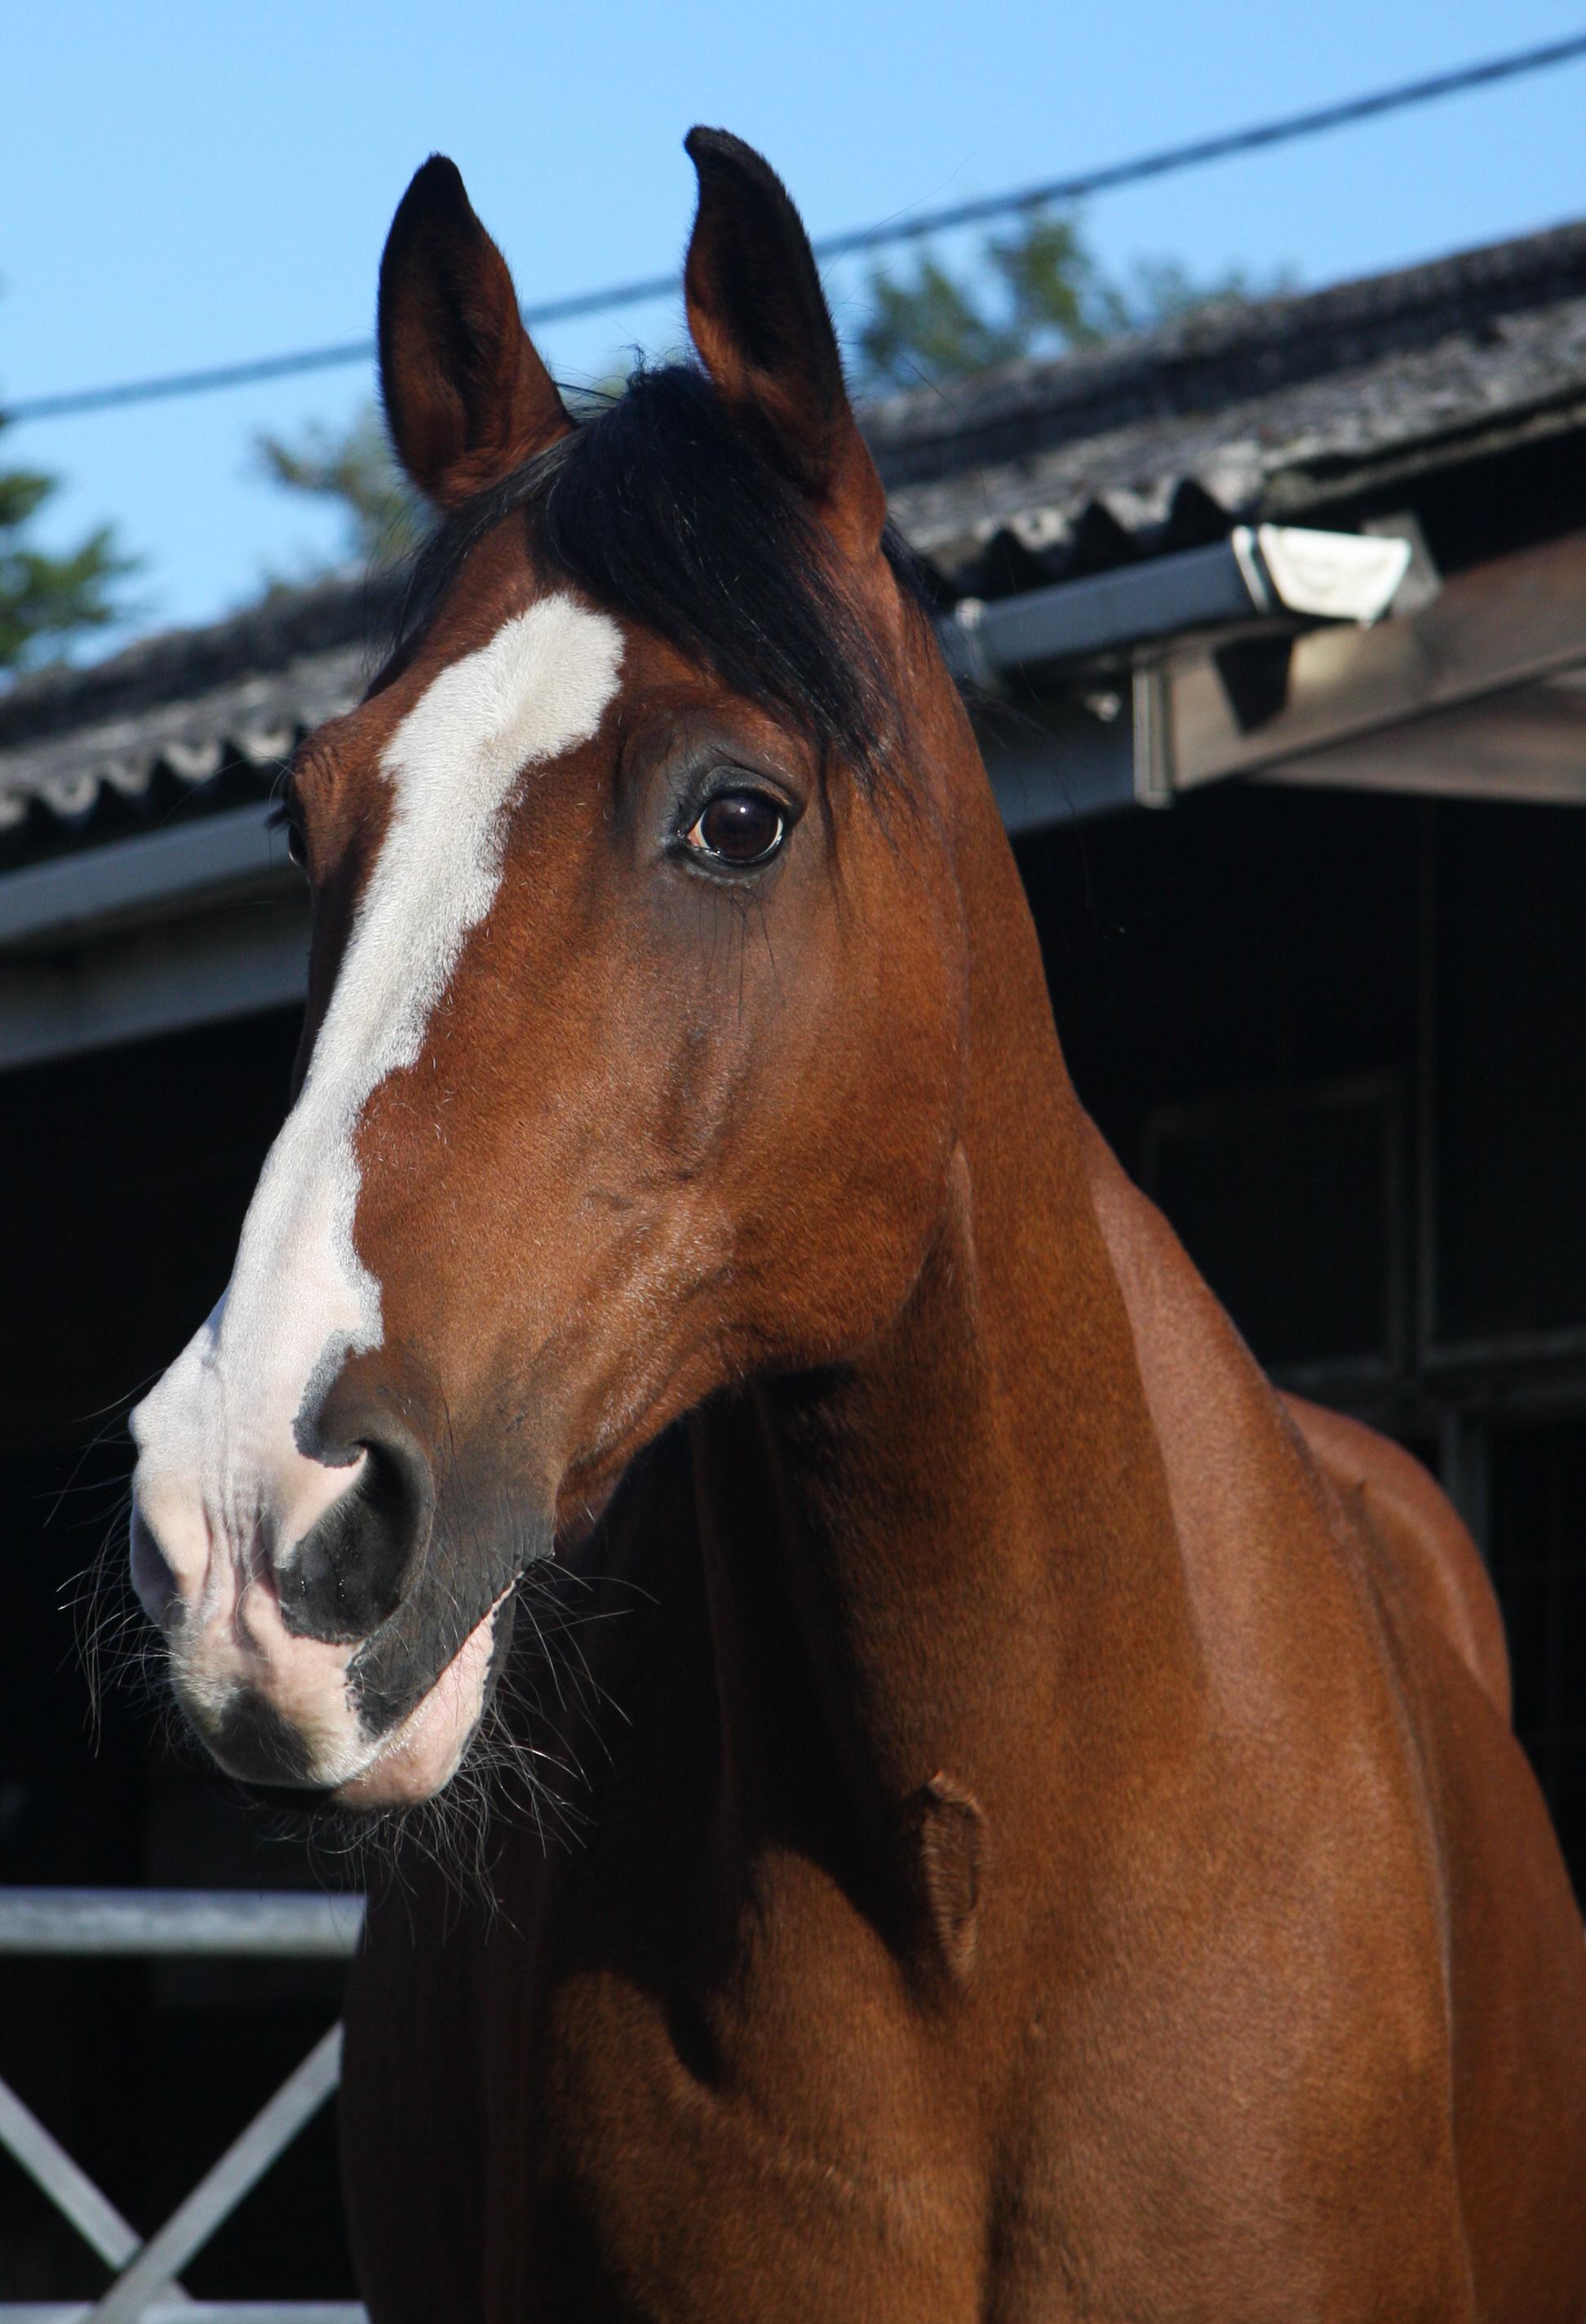 Helen's mum's horse